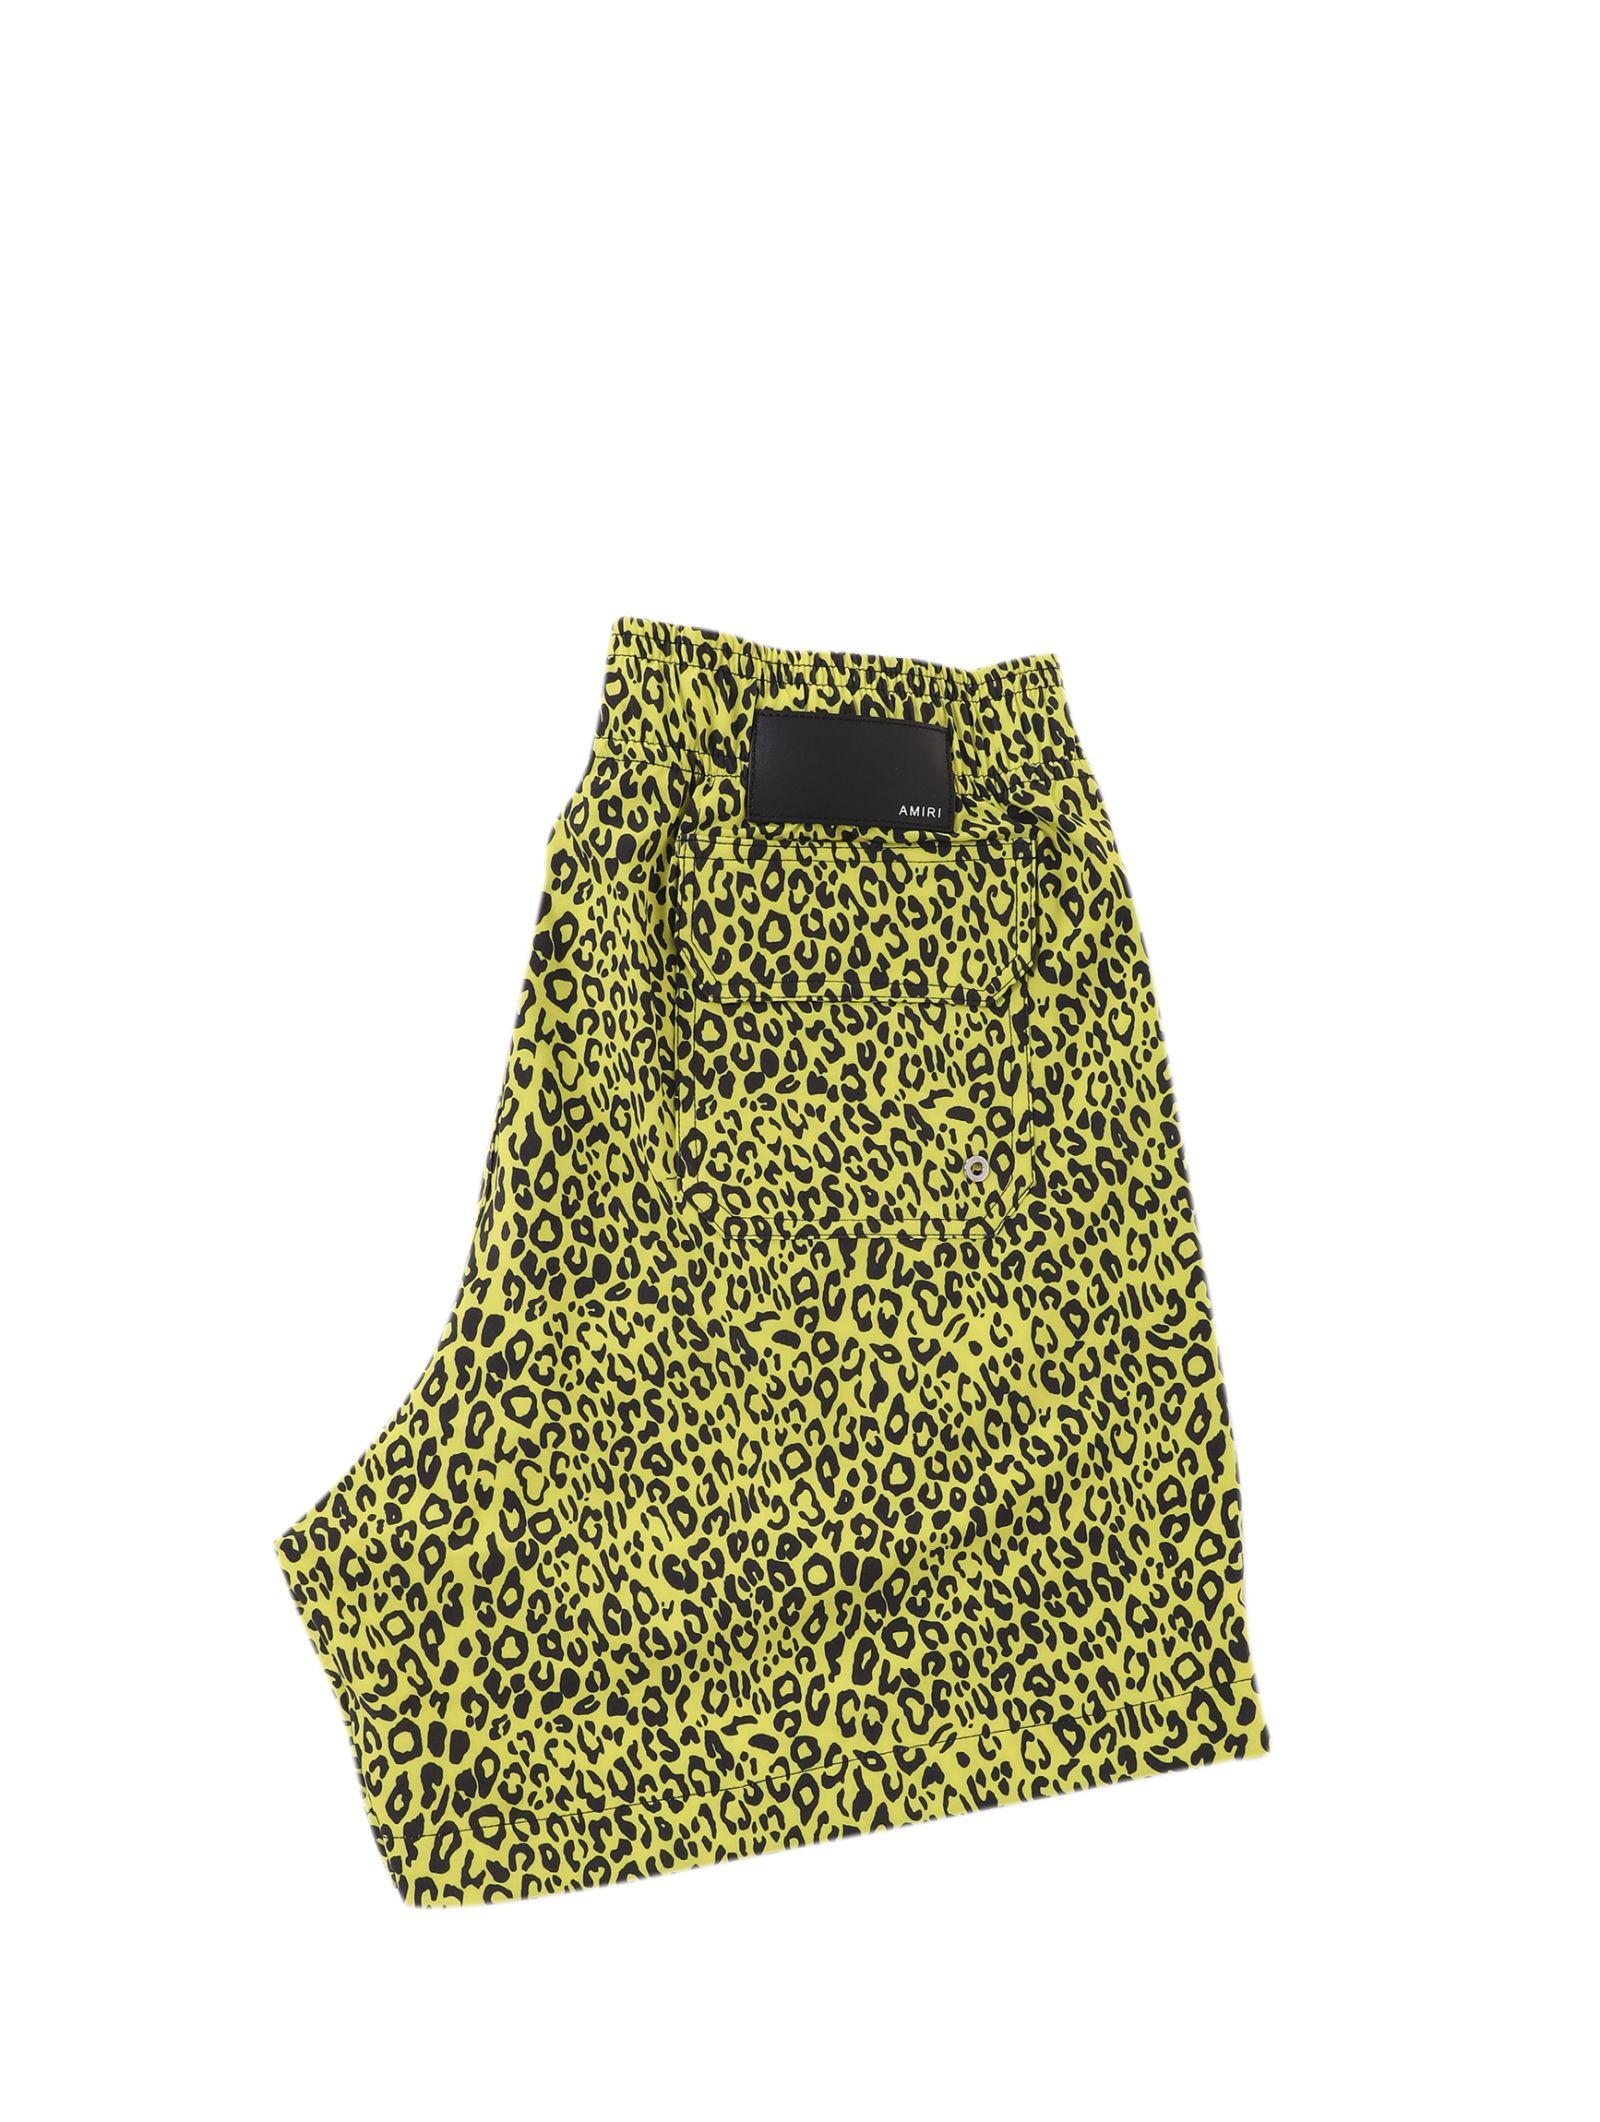 50f3d8c6d112 AMIRI Amiri Yellow Leopard Trunks - Yellow - 10886043   italist